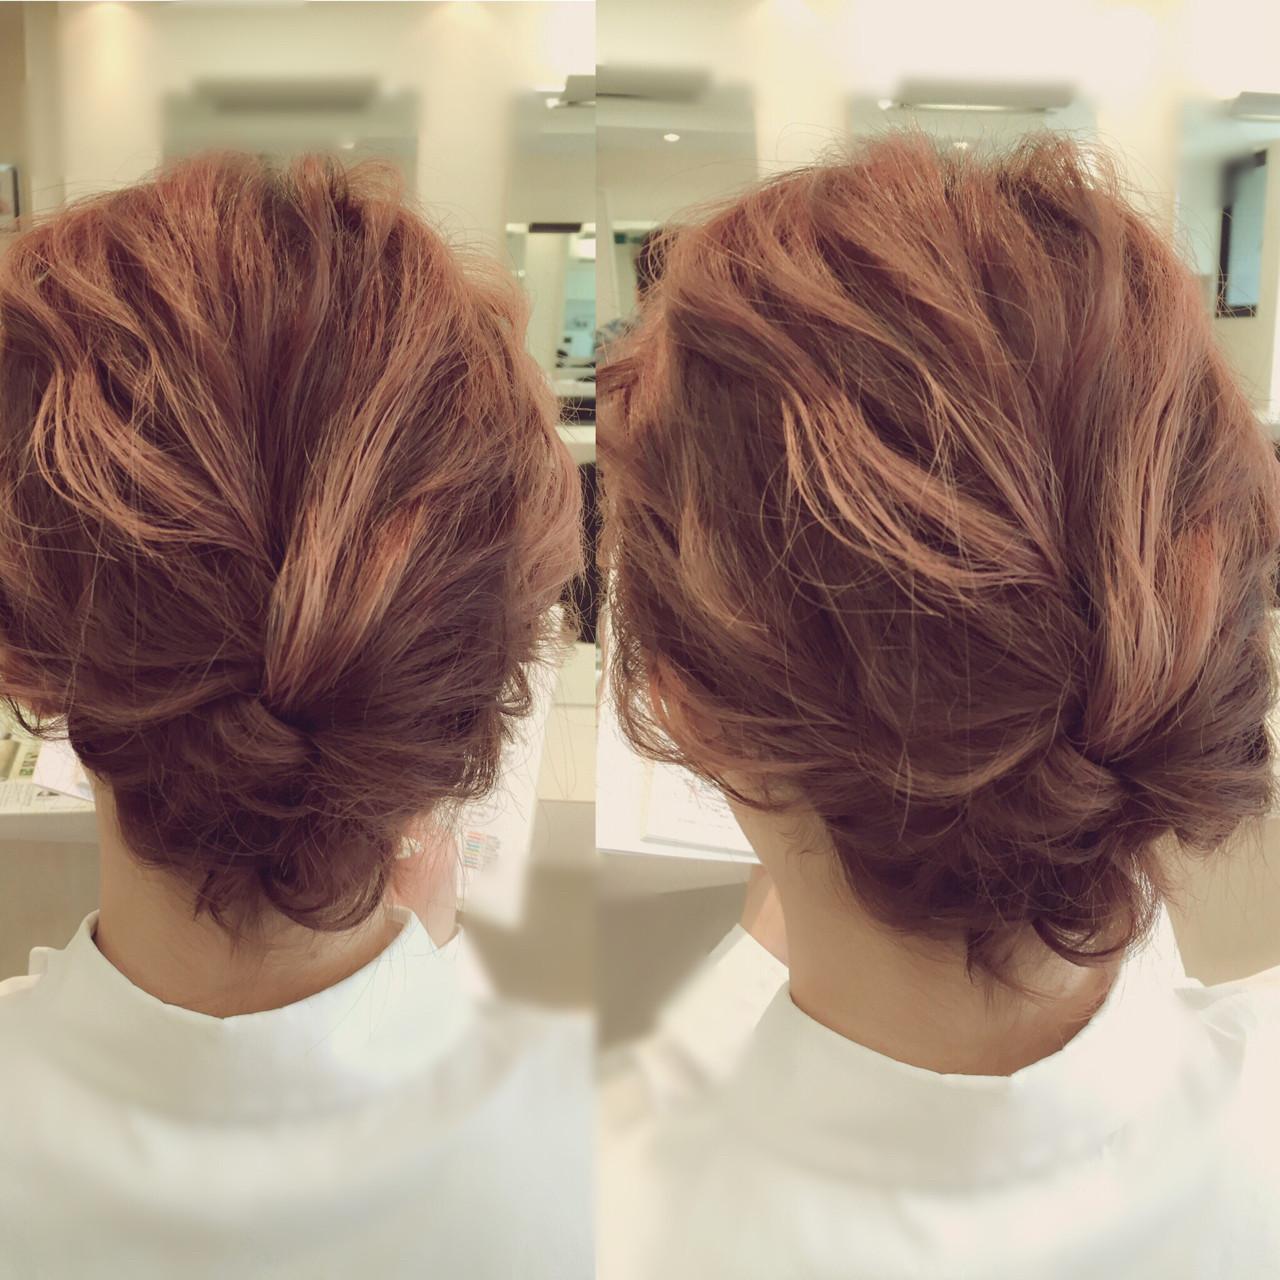 ヘアアレンジ ボブ まとめ髪 結婚式 ヘアスタイルや髪型の写真・画像